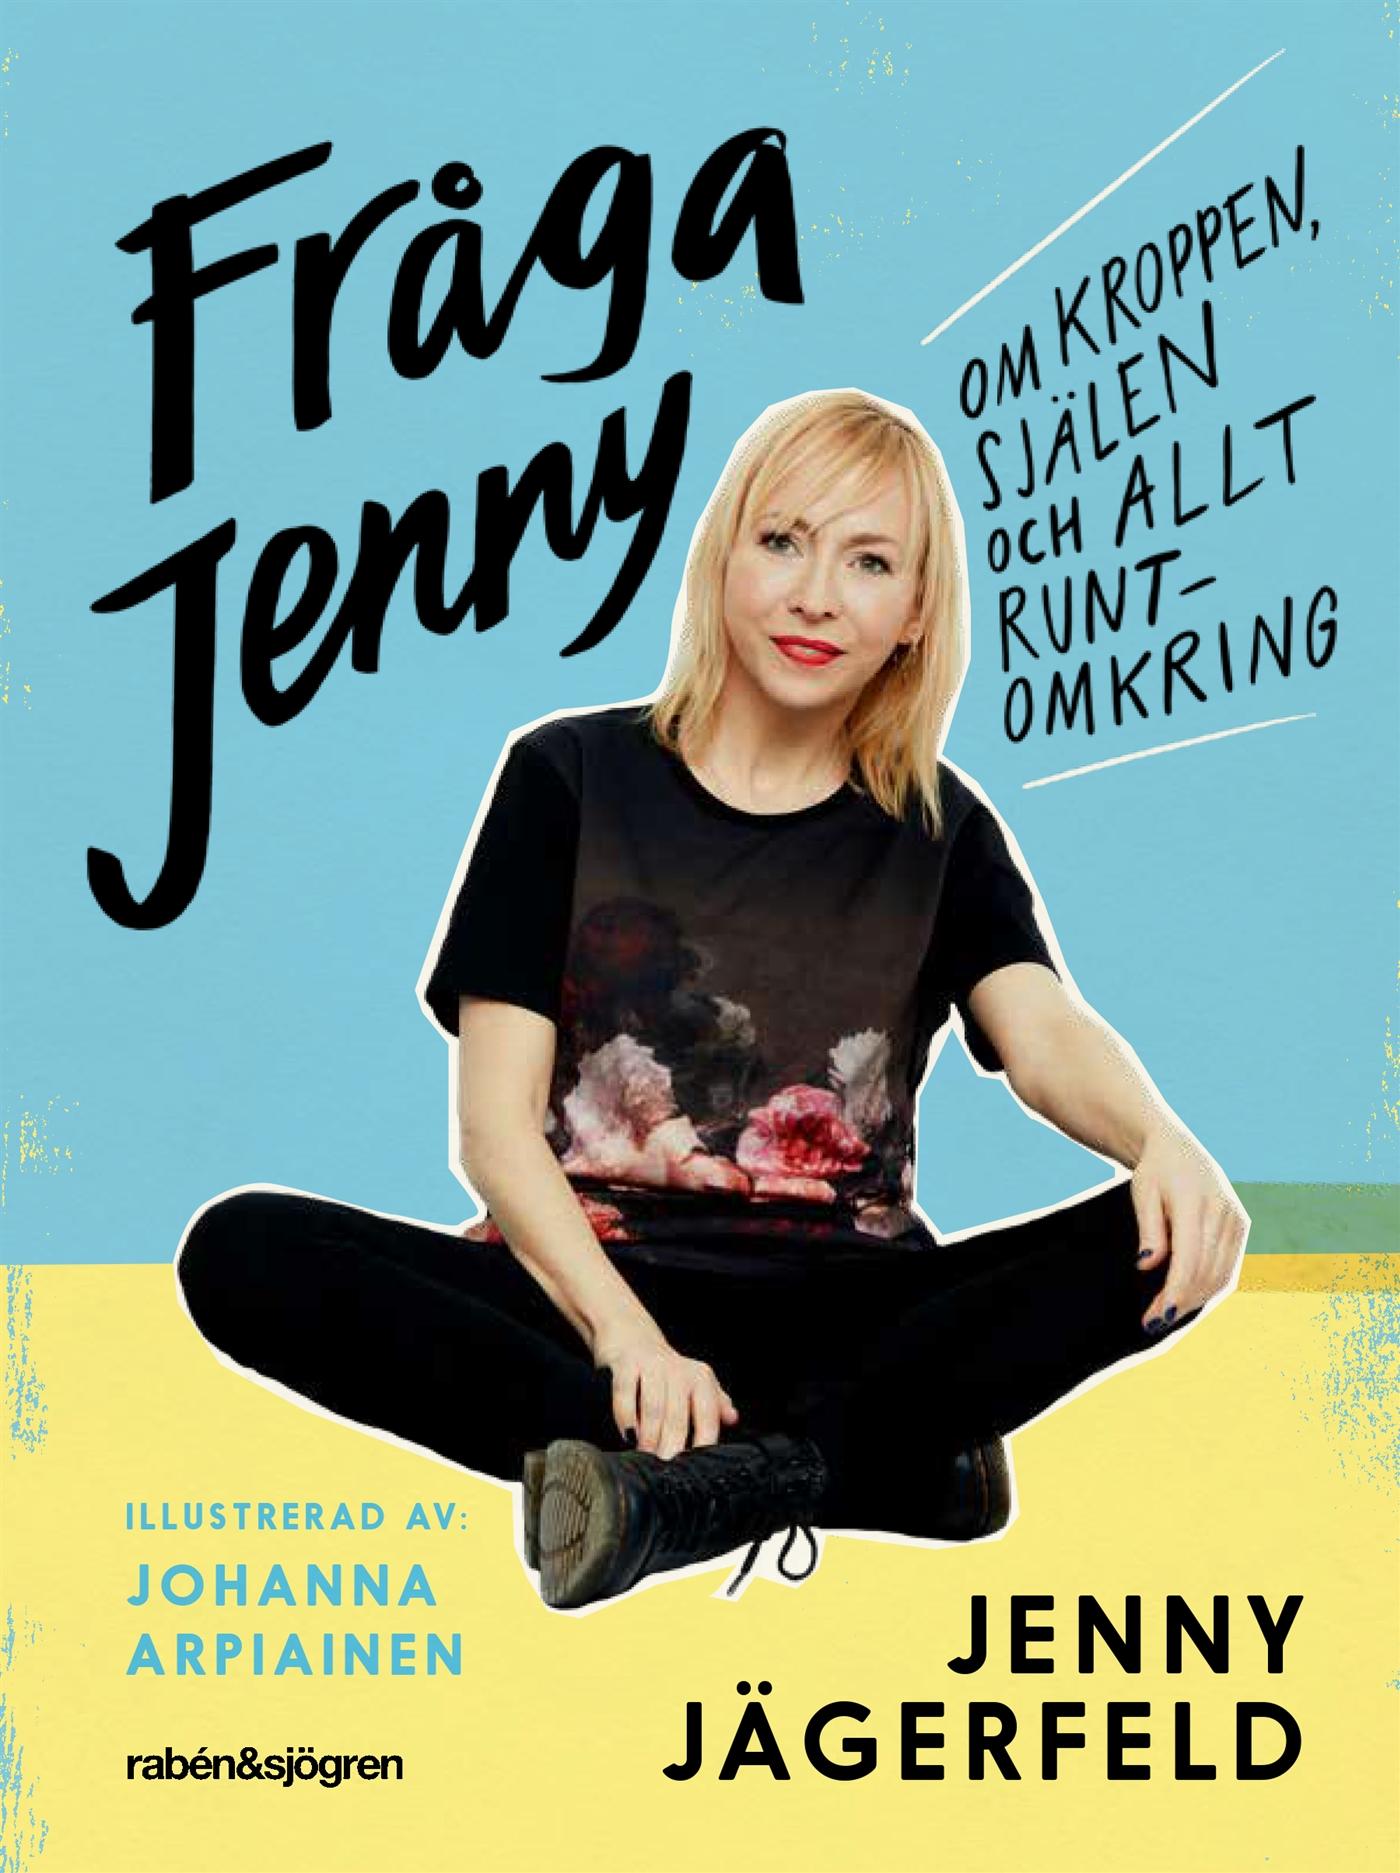 Fråga Jenny. 2019.